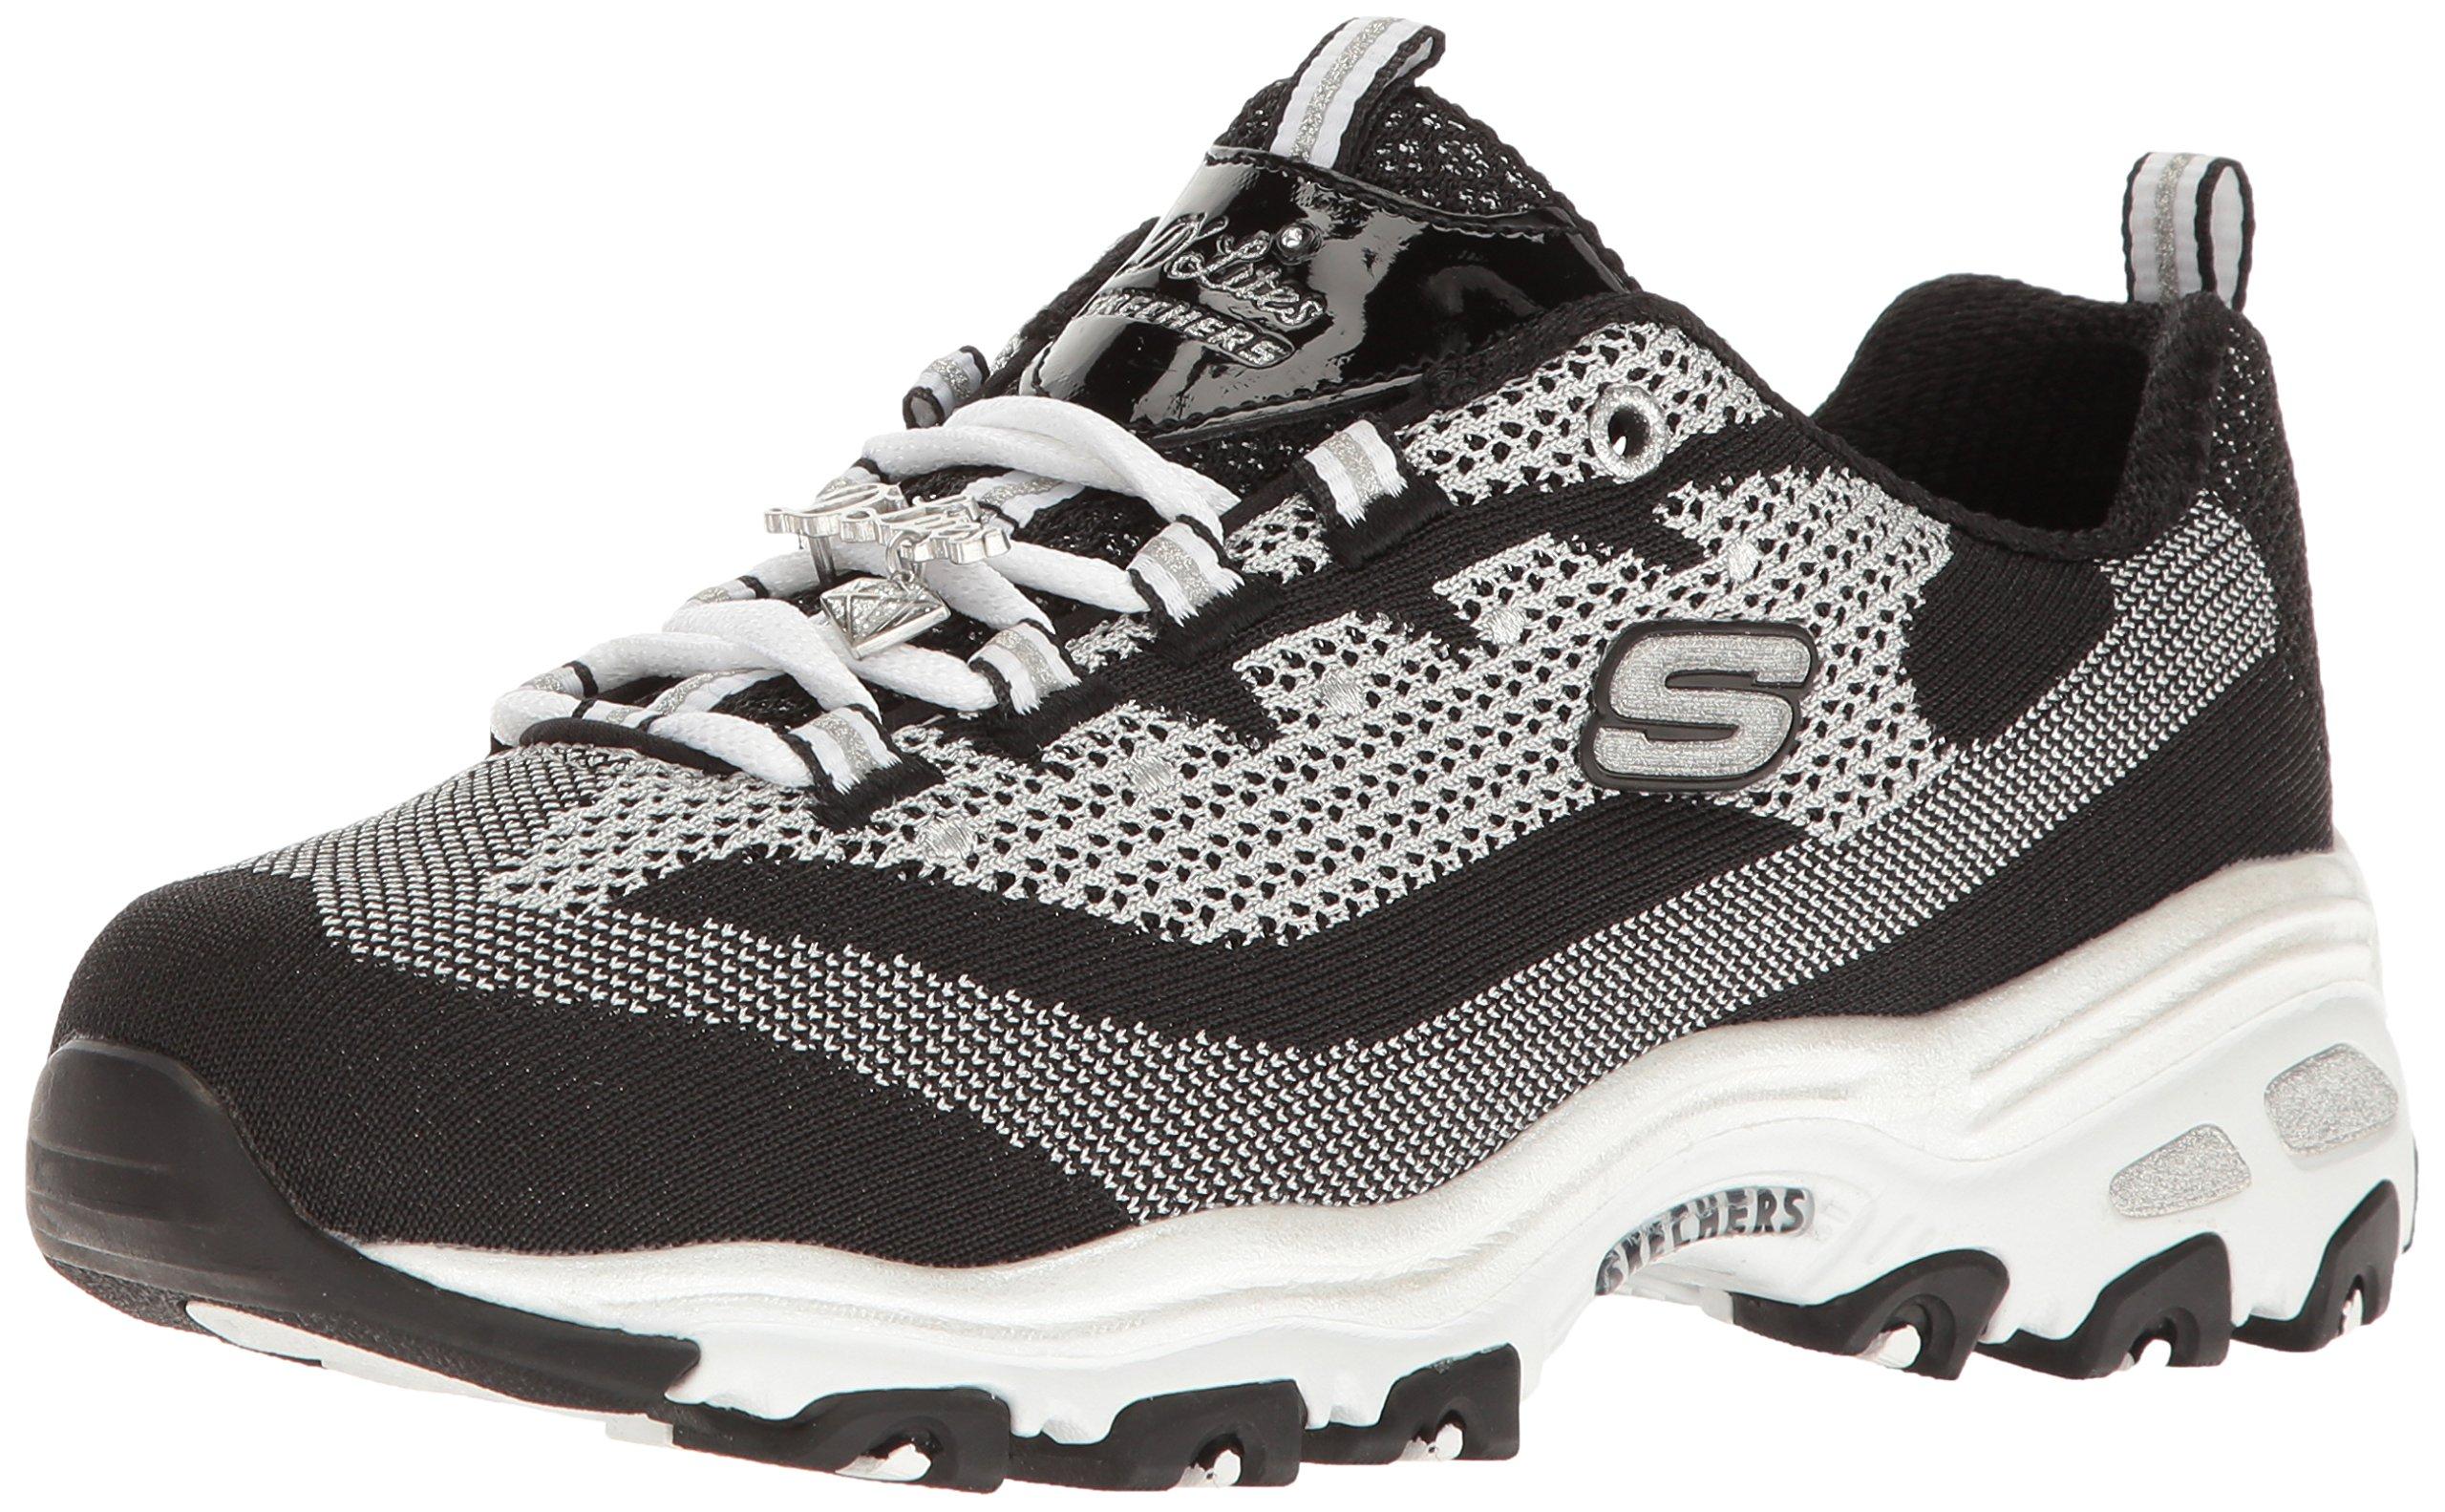 Skechers Sport Women's D'Lites Memory Foam Lace-up Sneaker,Black White Shine,5.5 M US